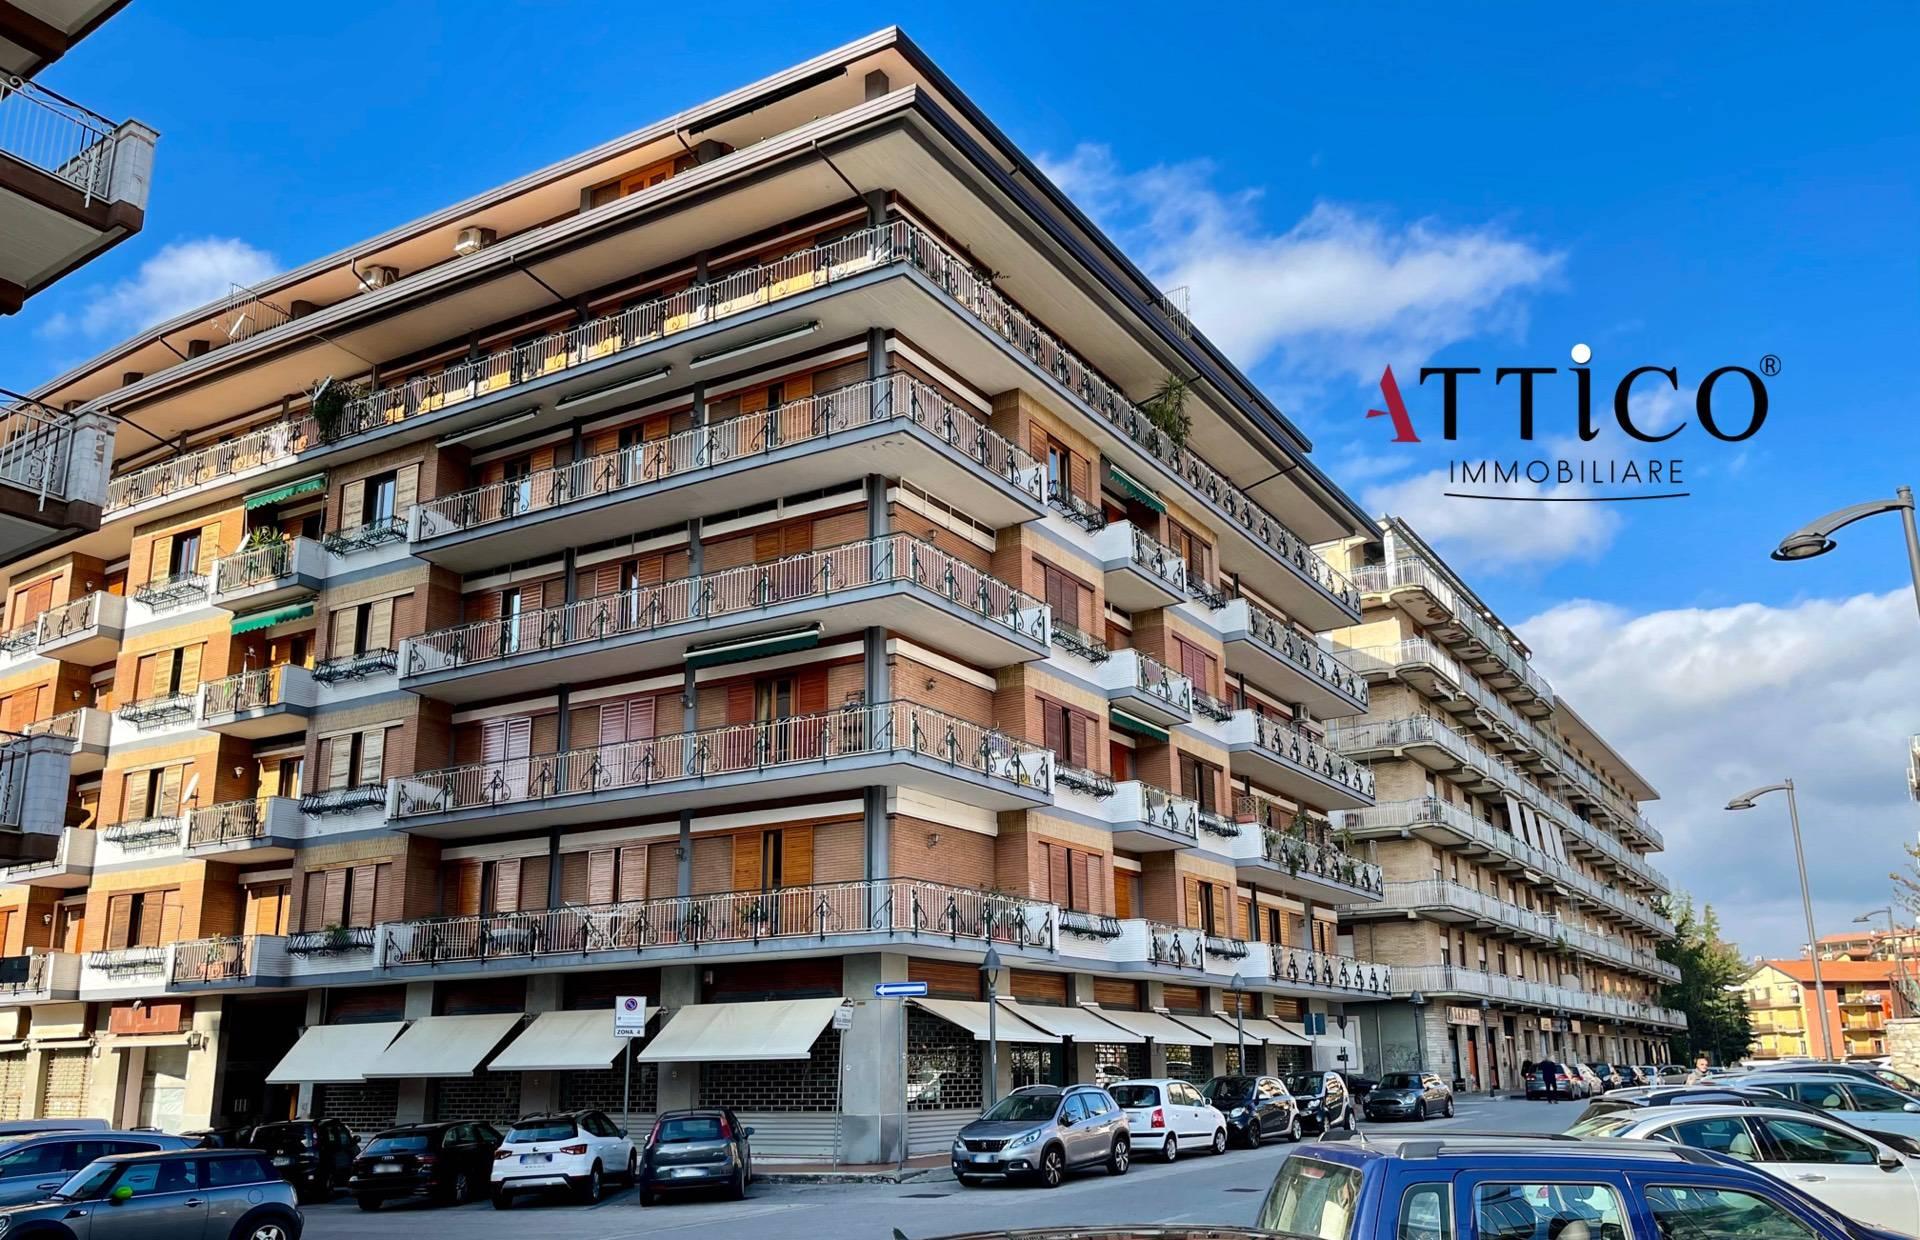 Appartamento in vendita a Avellino, 6 locali, prezzo € 230.000 | CambioCasa.it